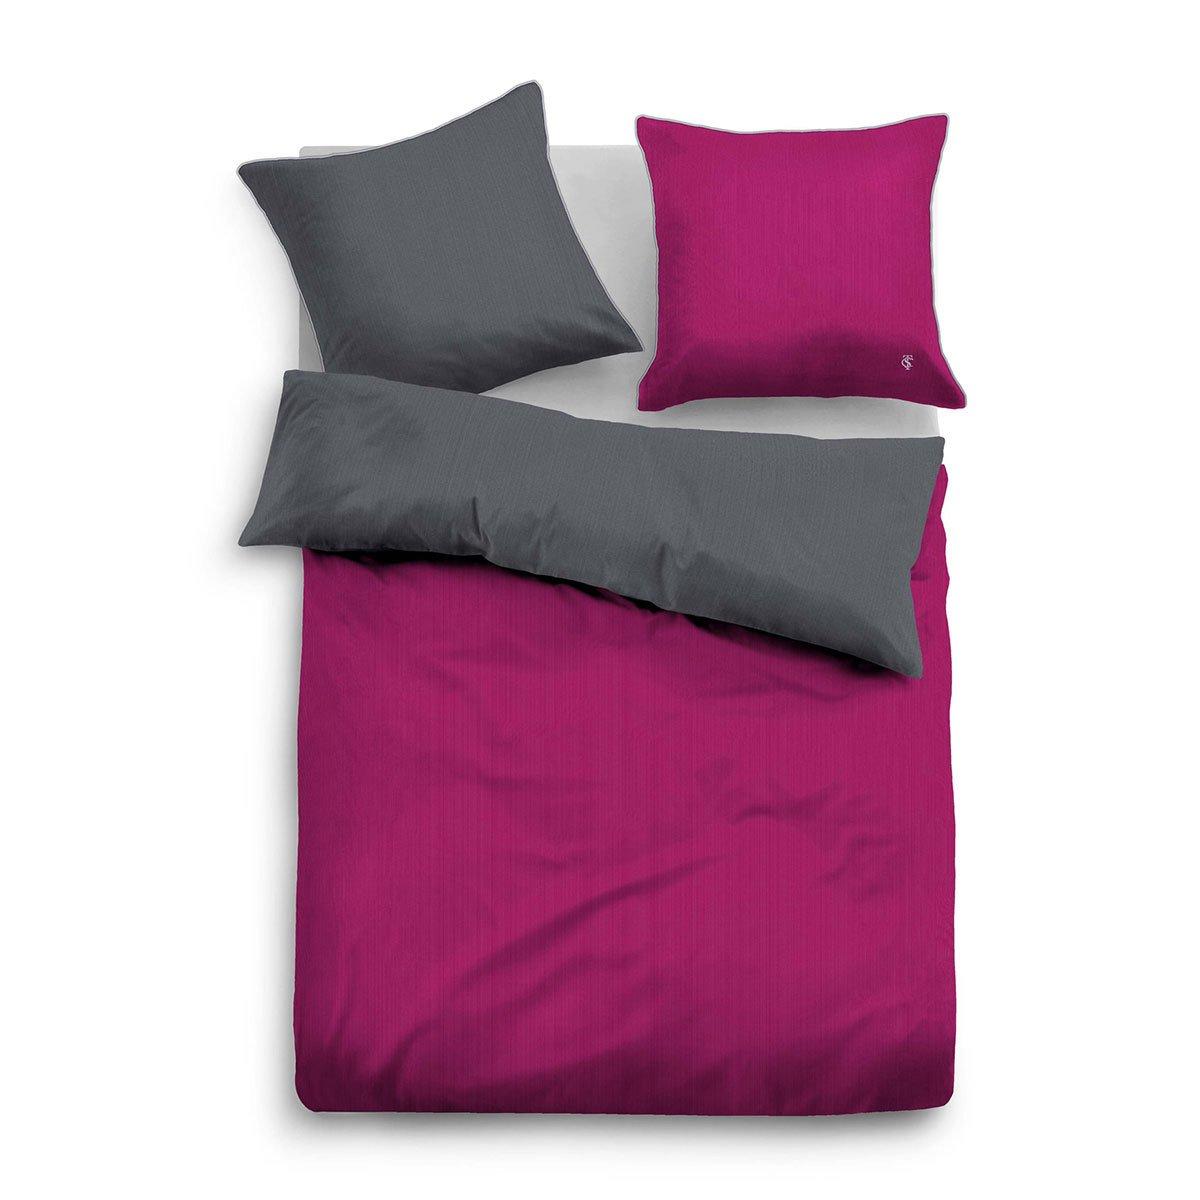 tom tailor uni wendebettw sche beere g nstig online kaufen. Black Bedroom Furniture Sets. Home Design Ideas